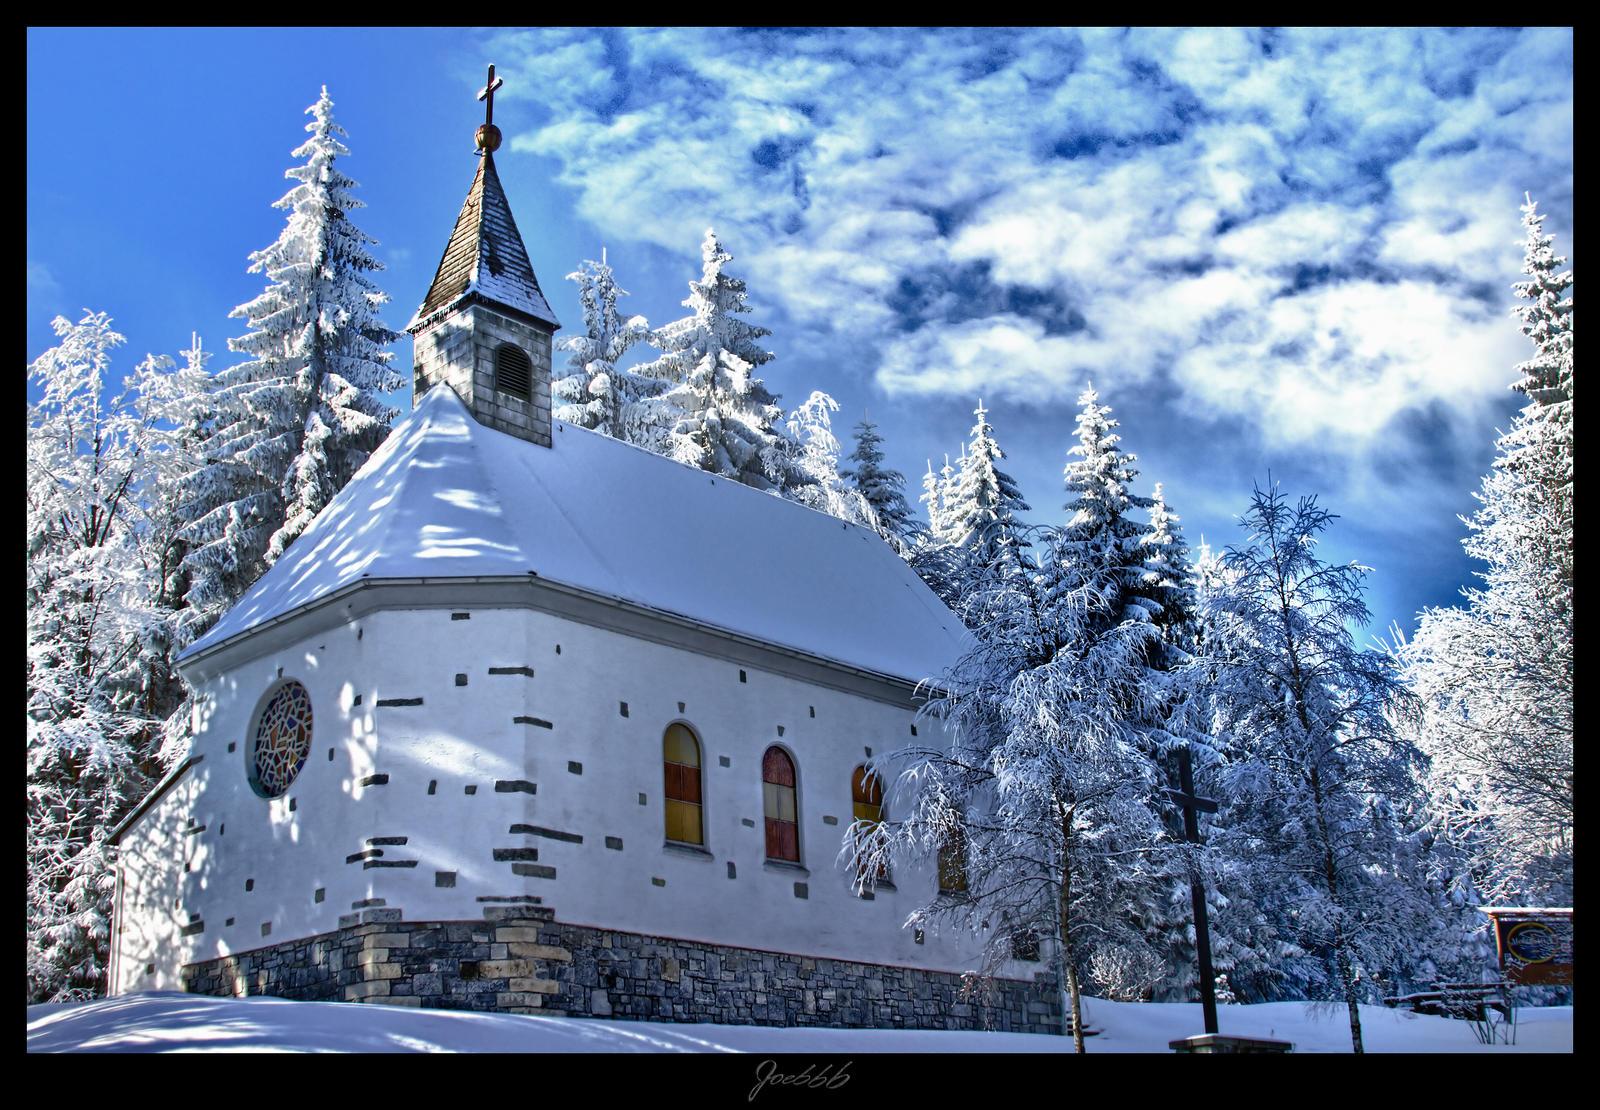 Chapel in Winter by deaconfrost78